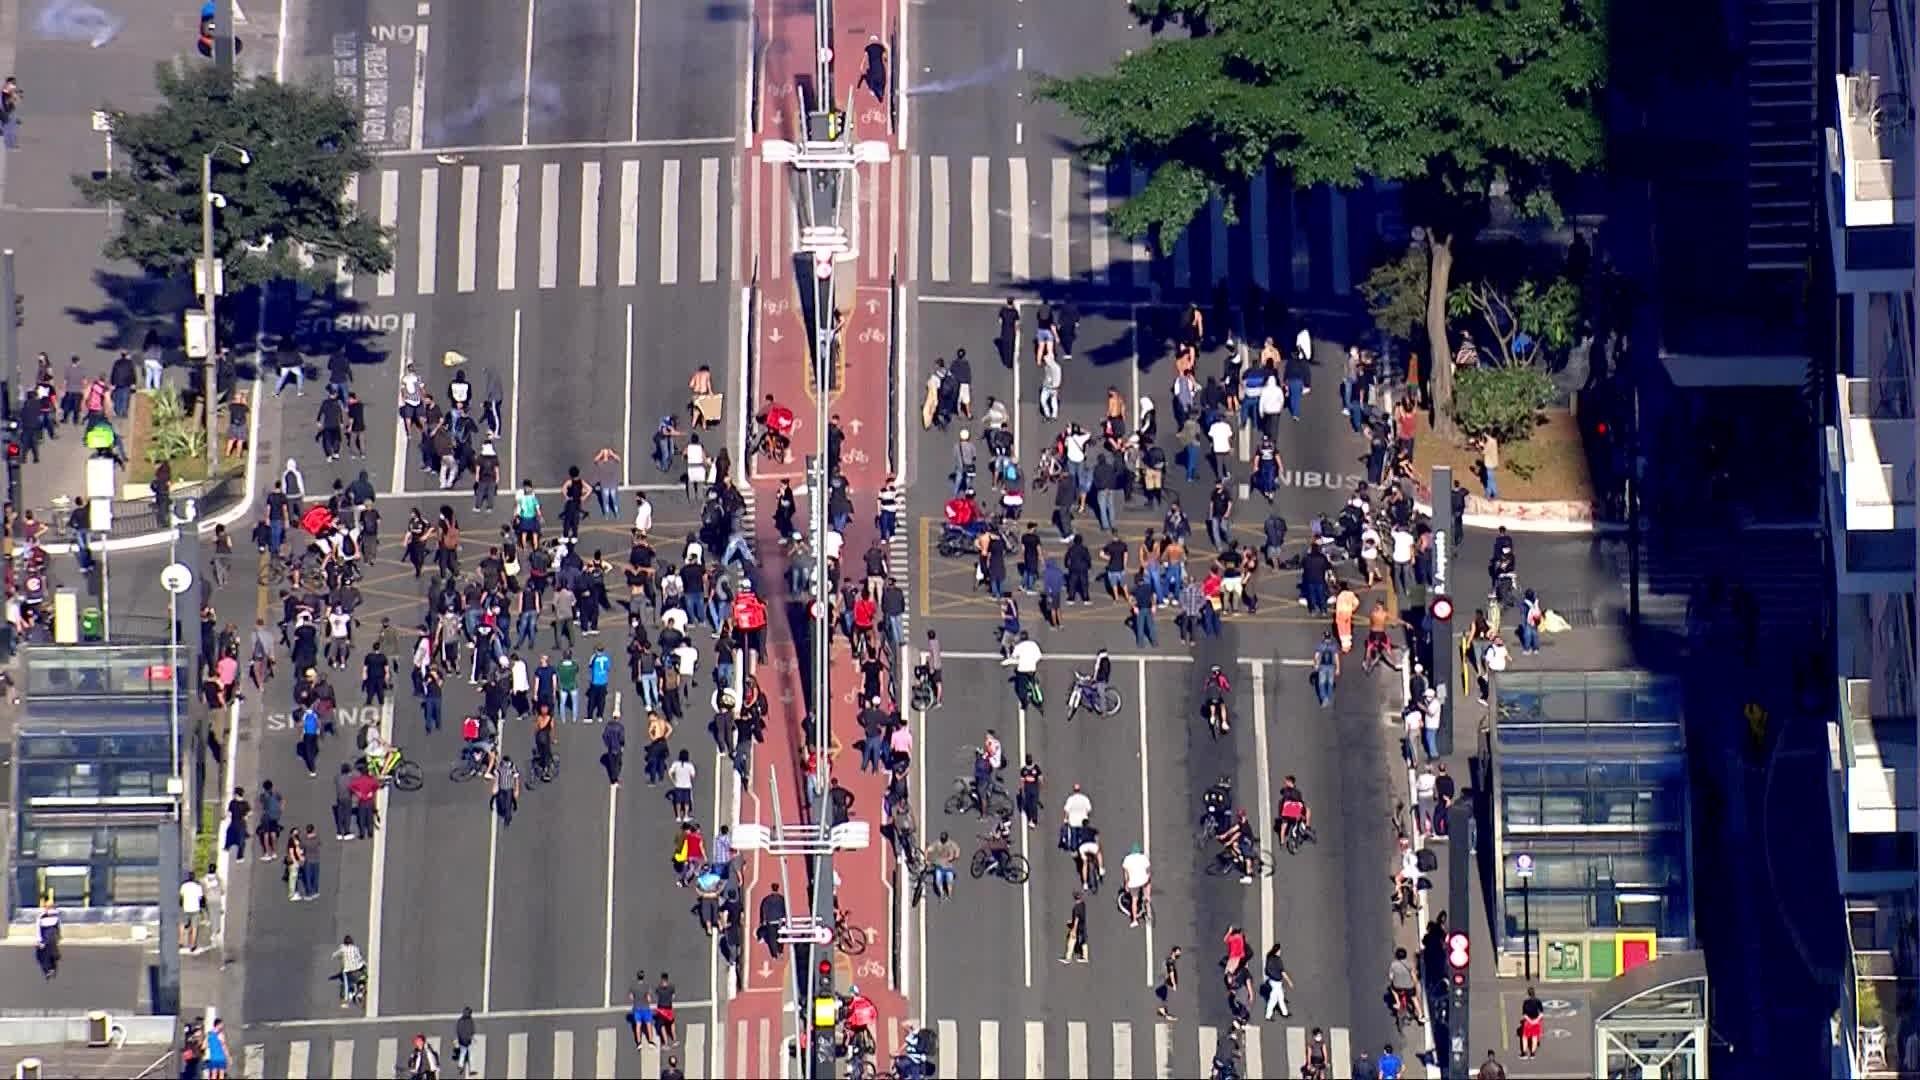 Seis pessoas são presas durante confronto entre manifestantes pró-democracia, bolsonaristas e PM na Avenida Paulista